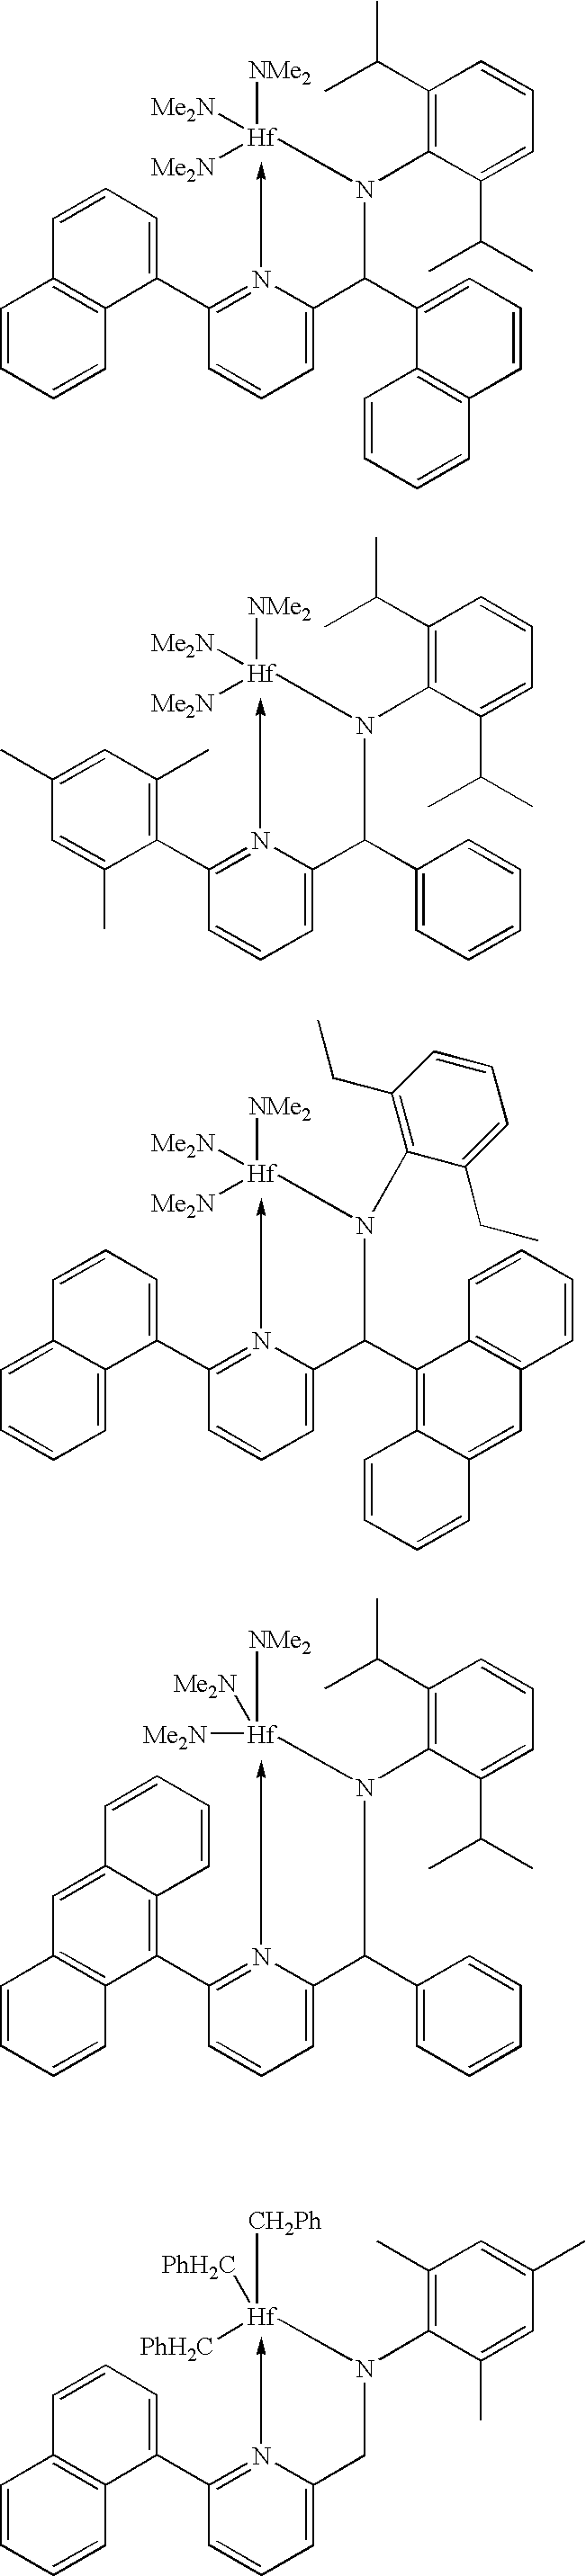 Figure US06900321-20050531-C00060